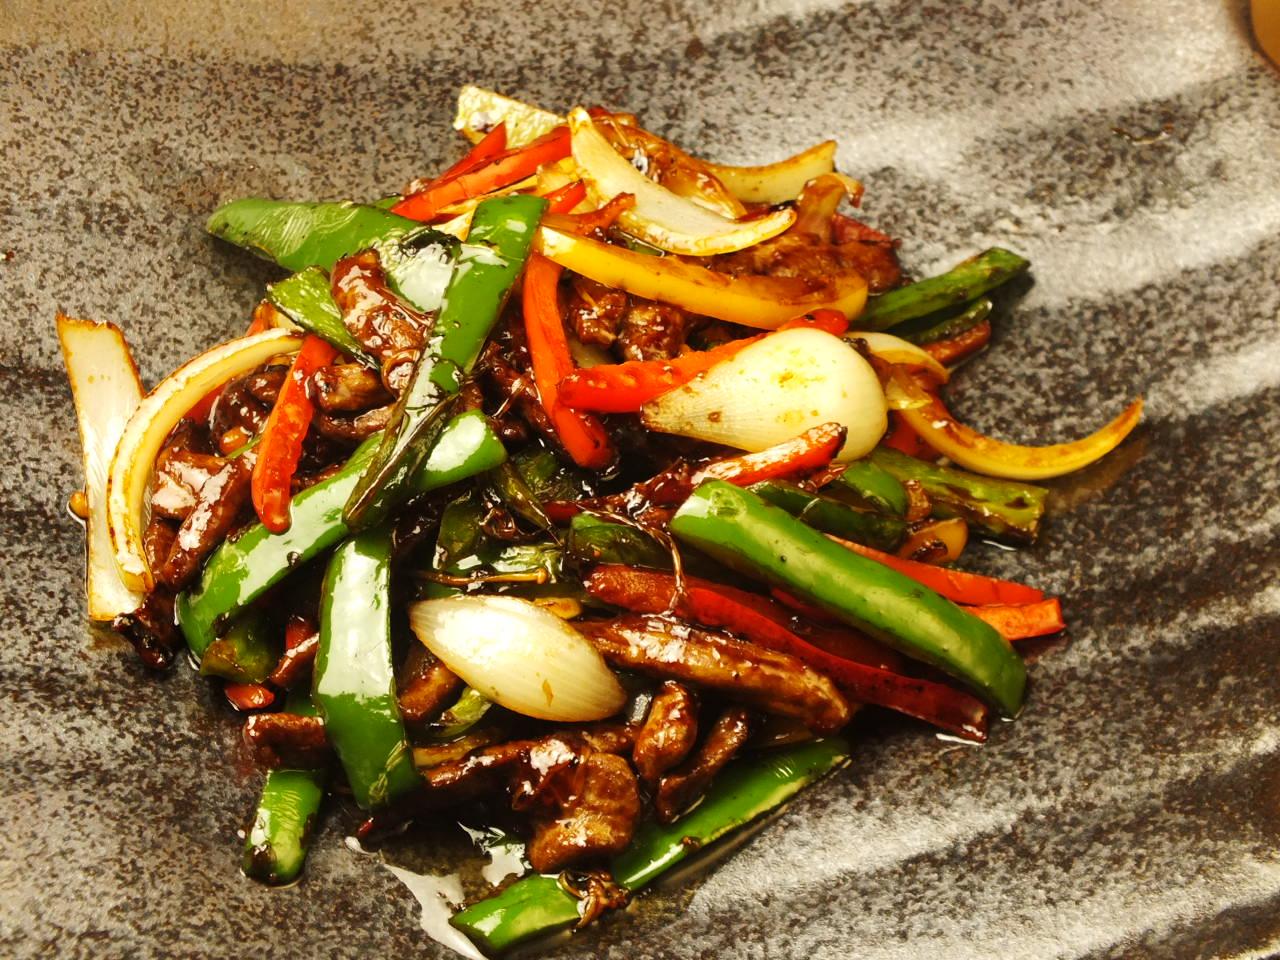 青椒肉絲 (豚肉とパプリカのオイスターソース炒め)